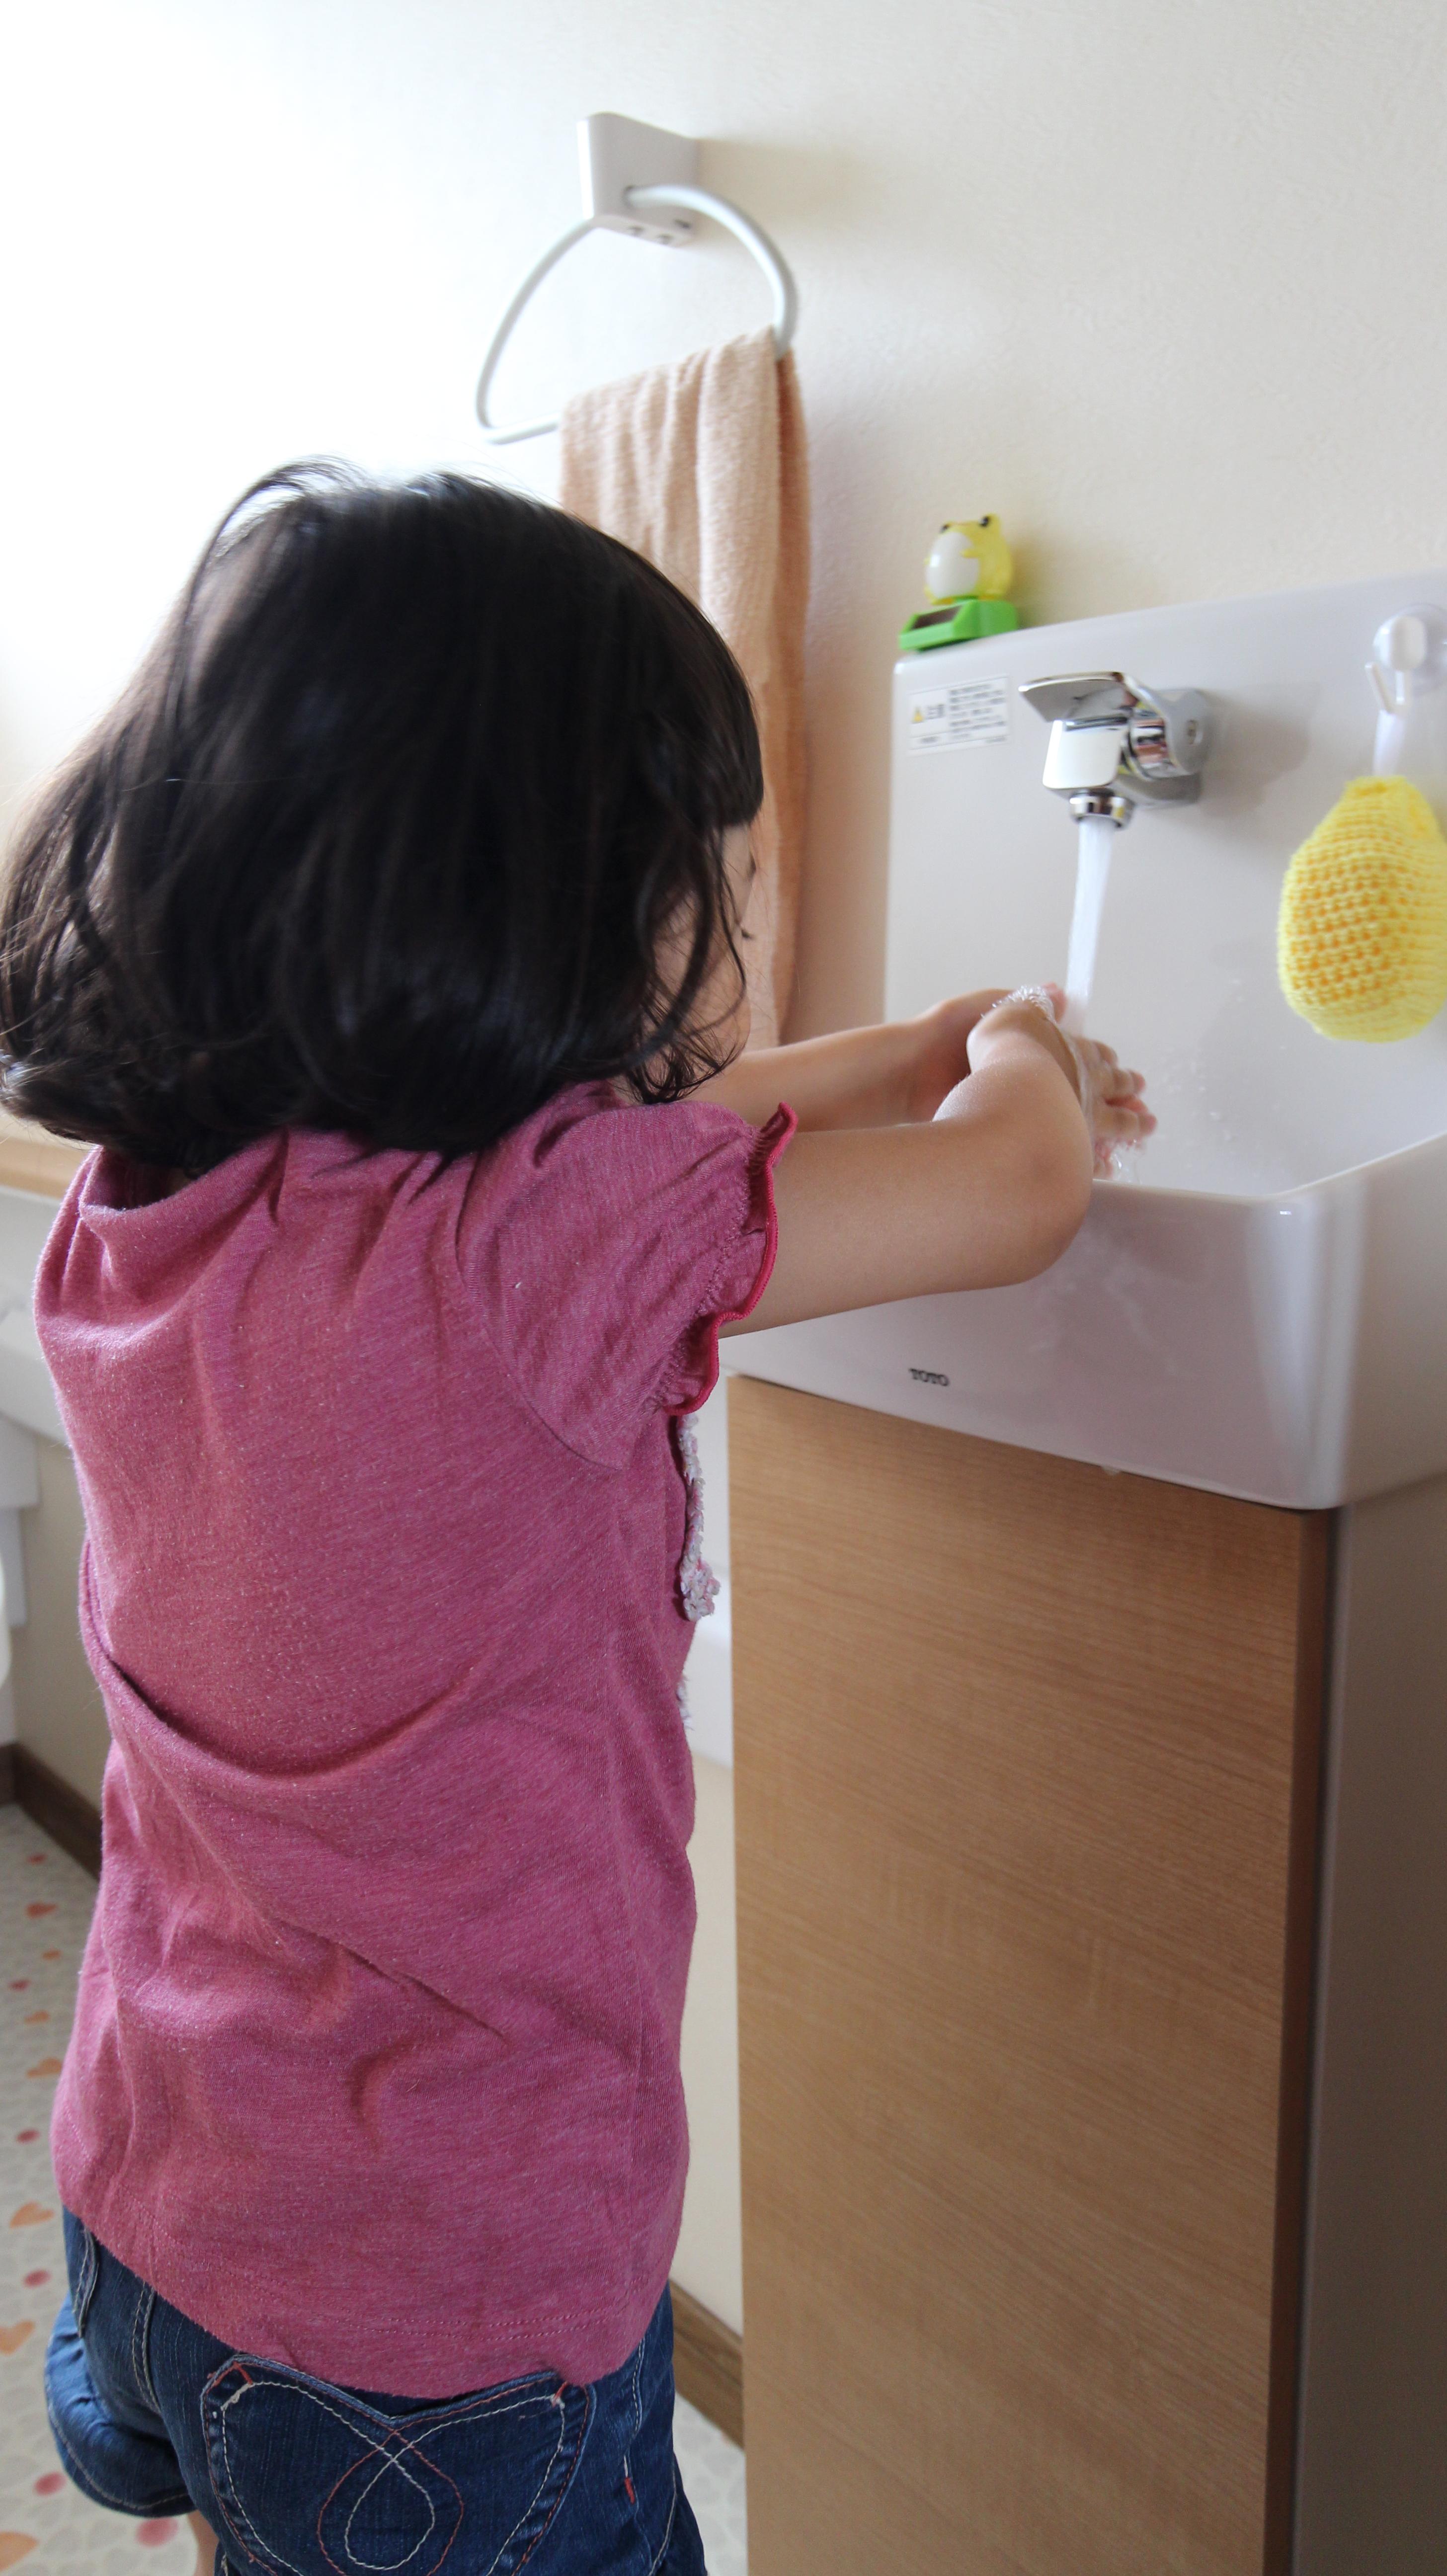 「喜んで手を洗います」と施主様